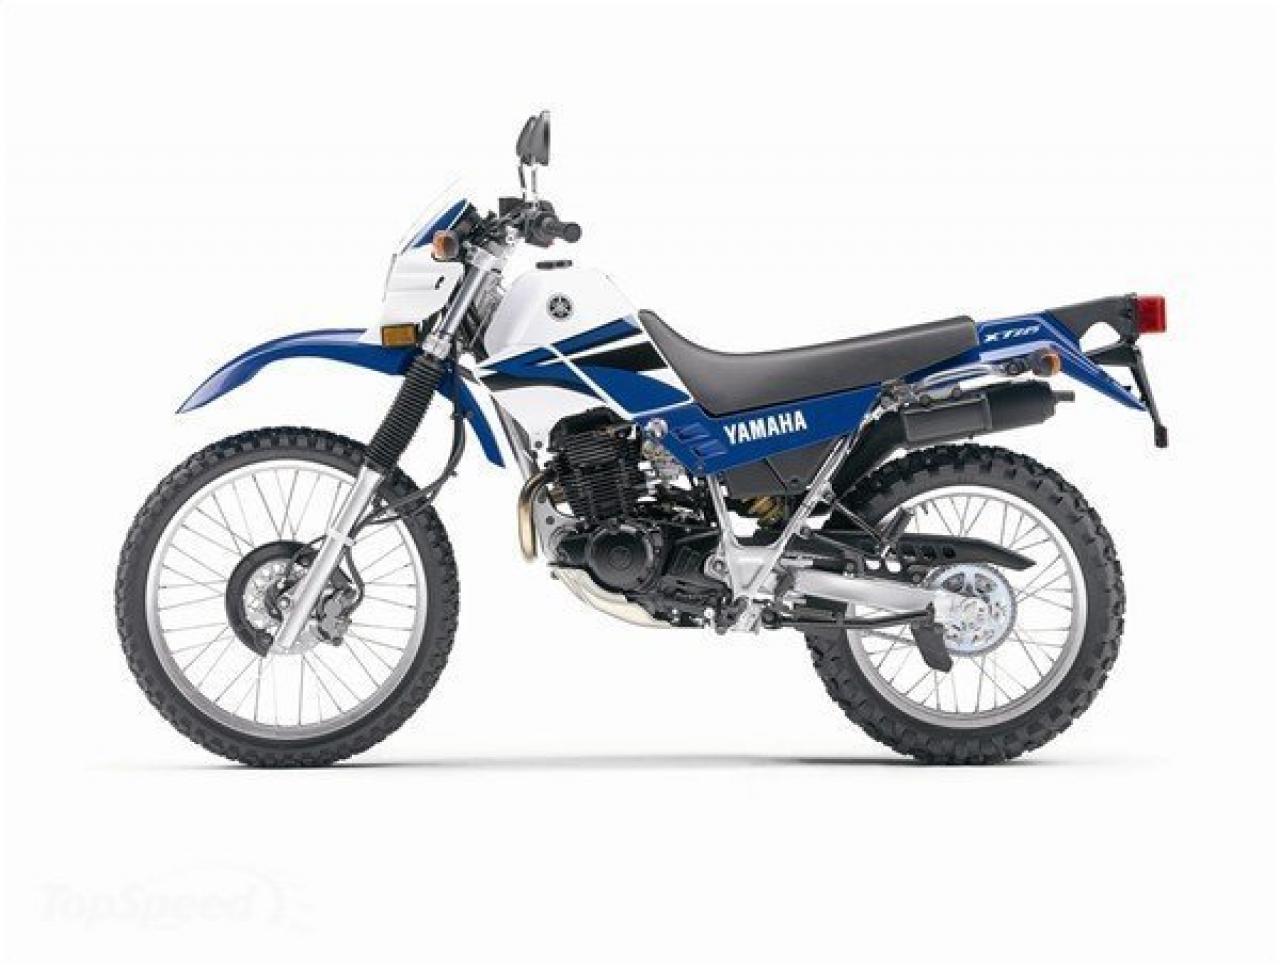 Yamaha Yamaha Xt 225